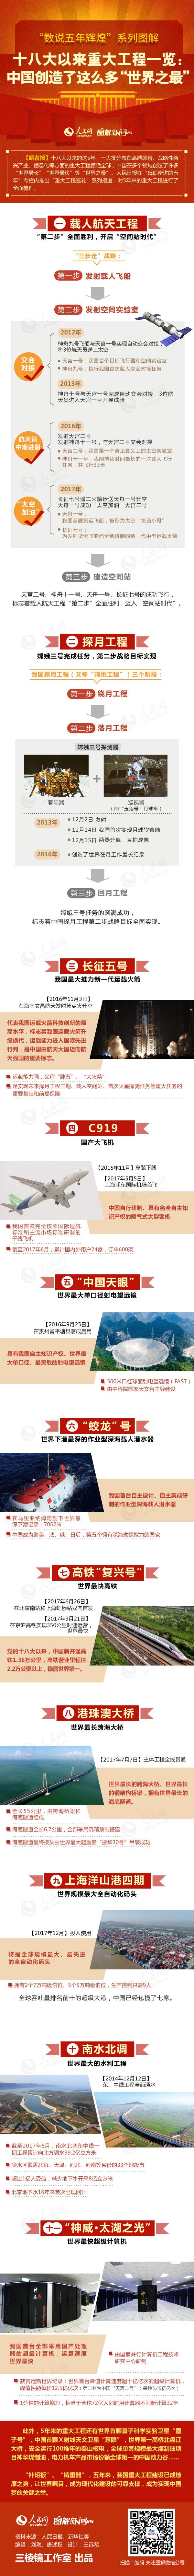 """十八大以来重大工程一览:中国创造了这么多""""世界之最"""""""